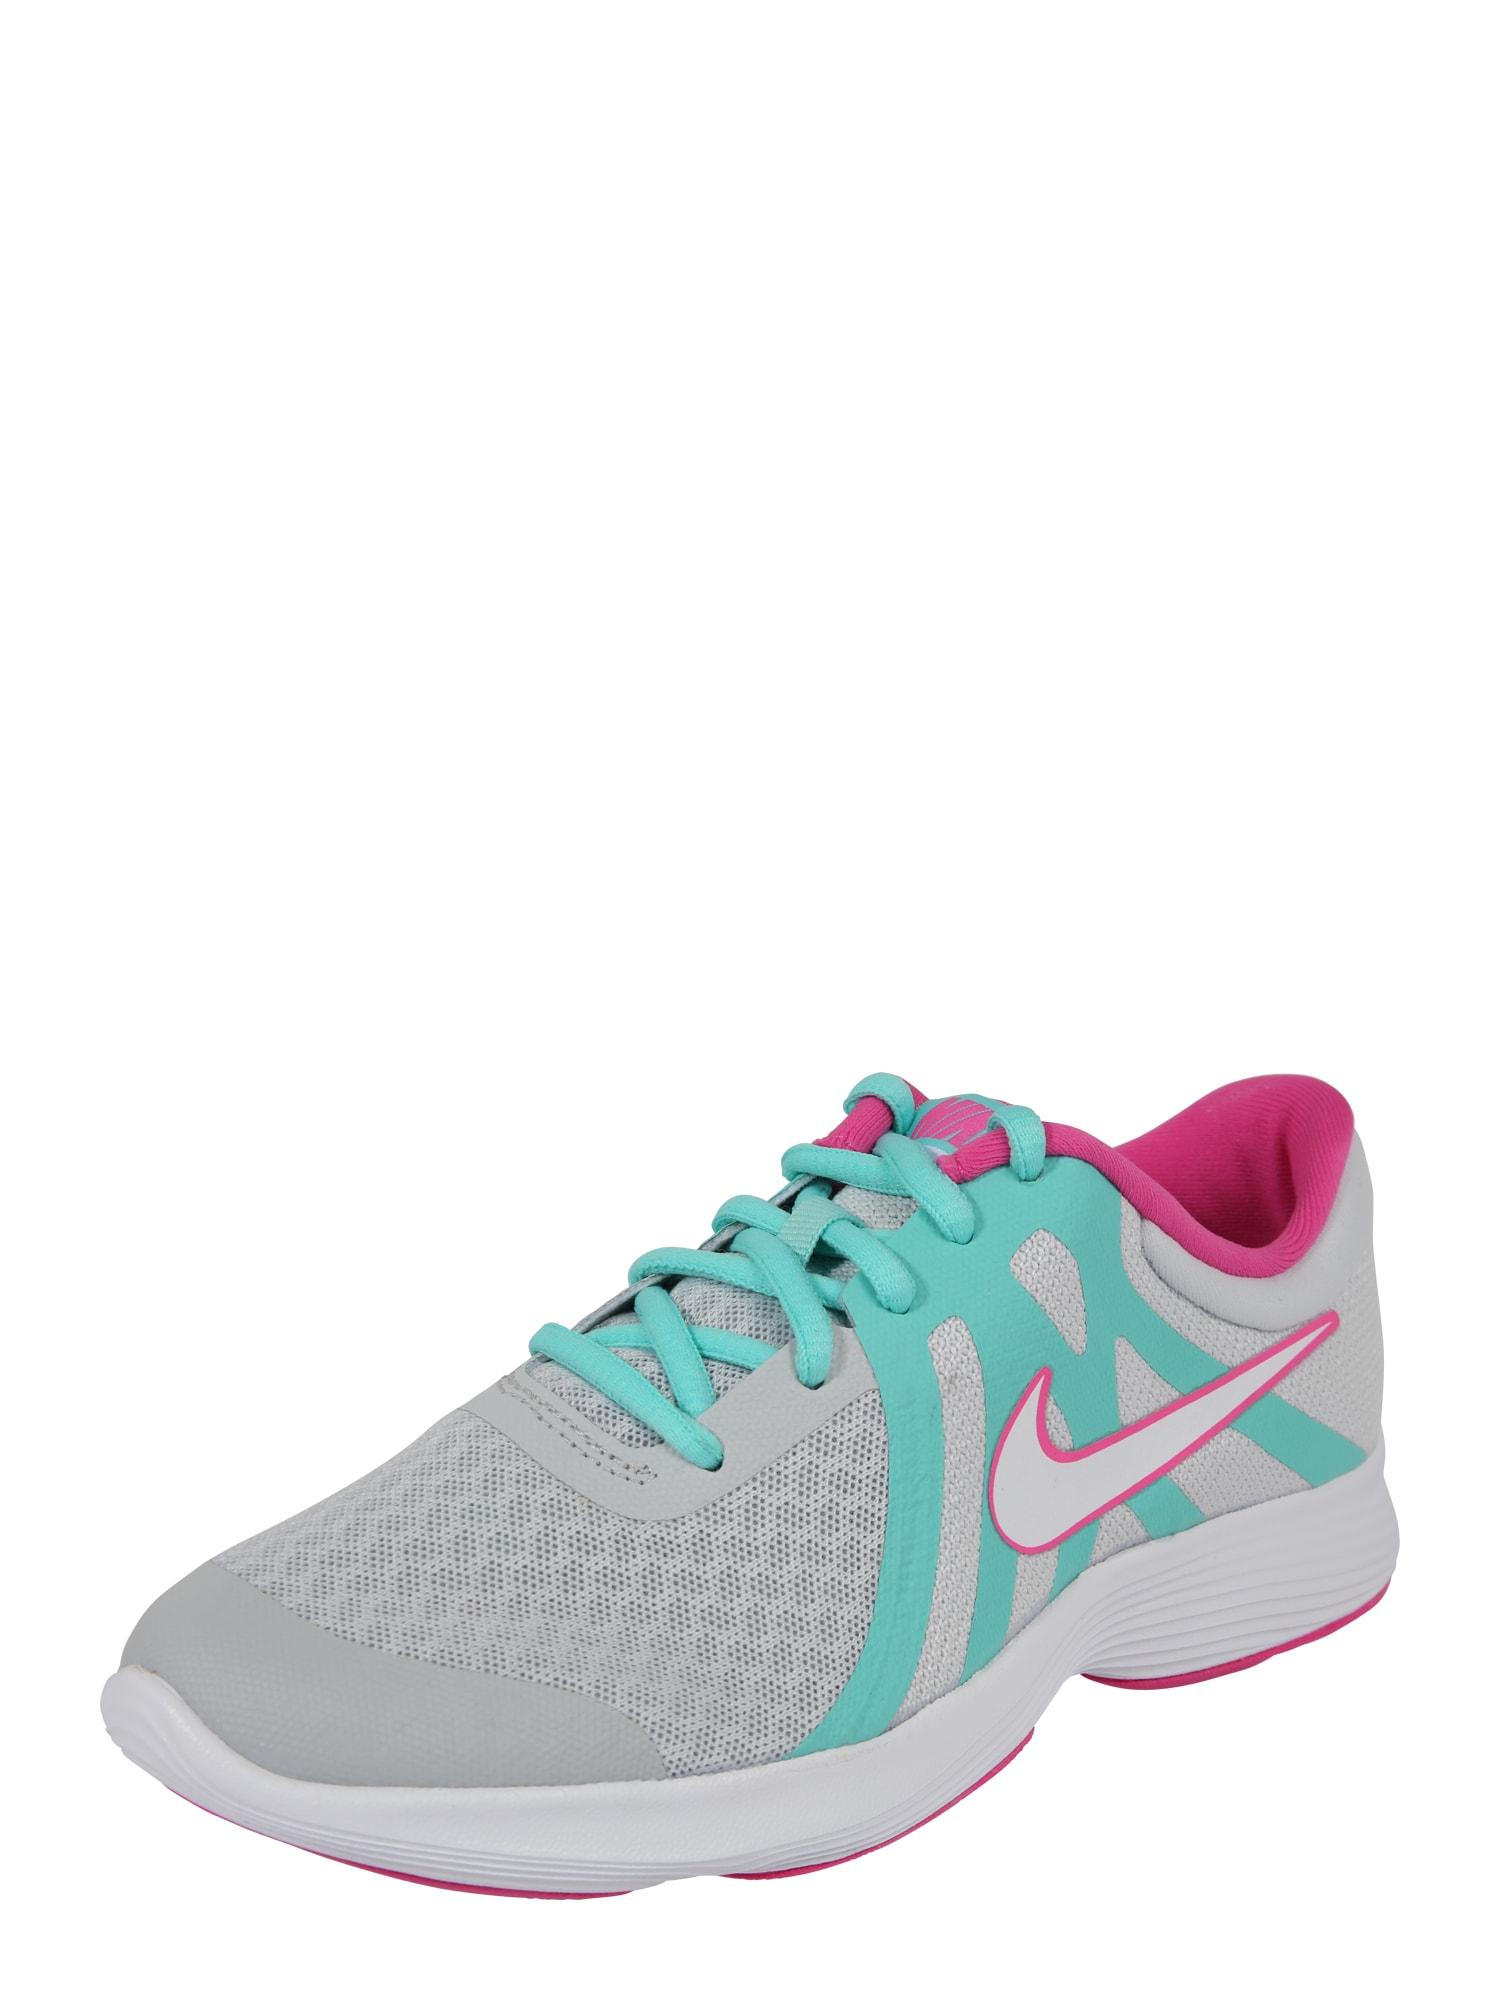 NIKE, Meisjes Sportschoen 'Revolution 4', turquoise / grijs / pink / wit